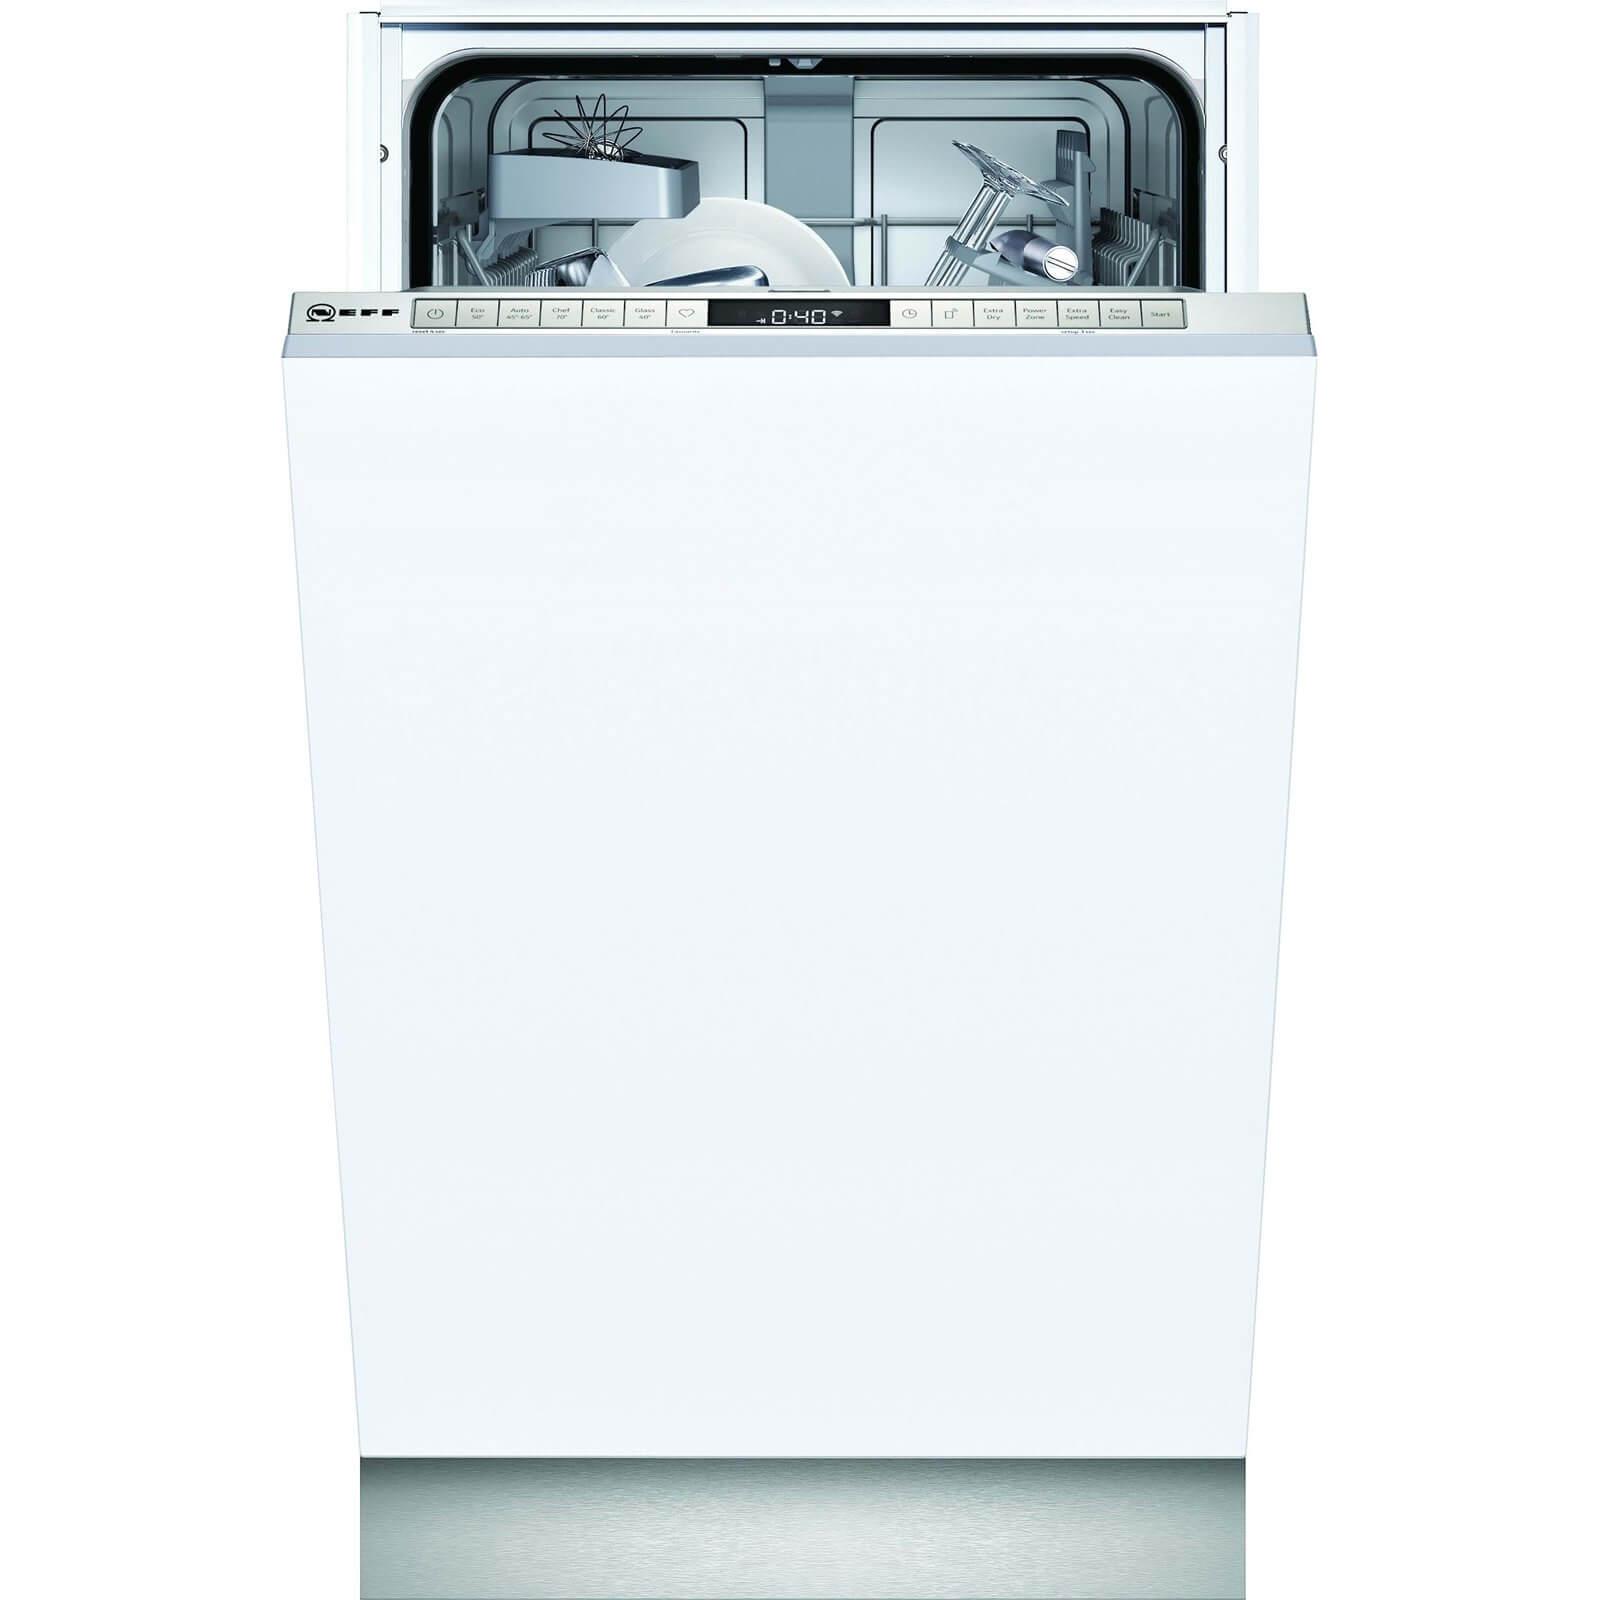 NEFF S875HKX20G 45cm Slimline Dishwasher